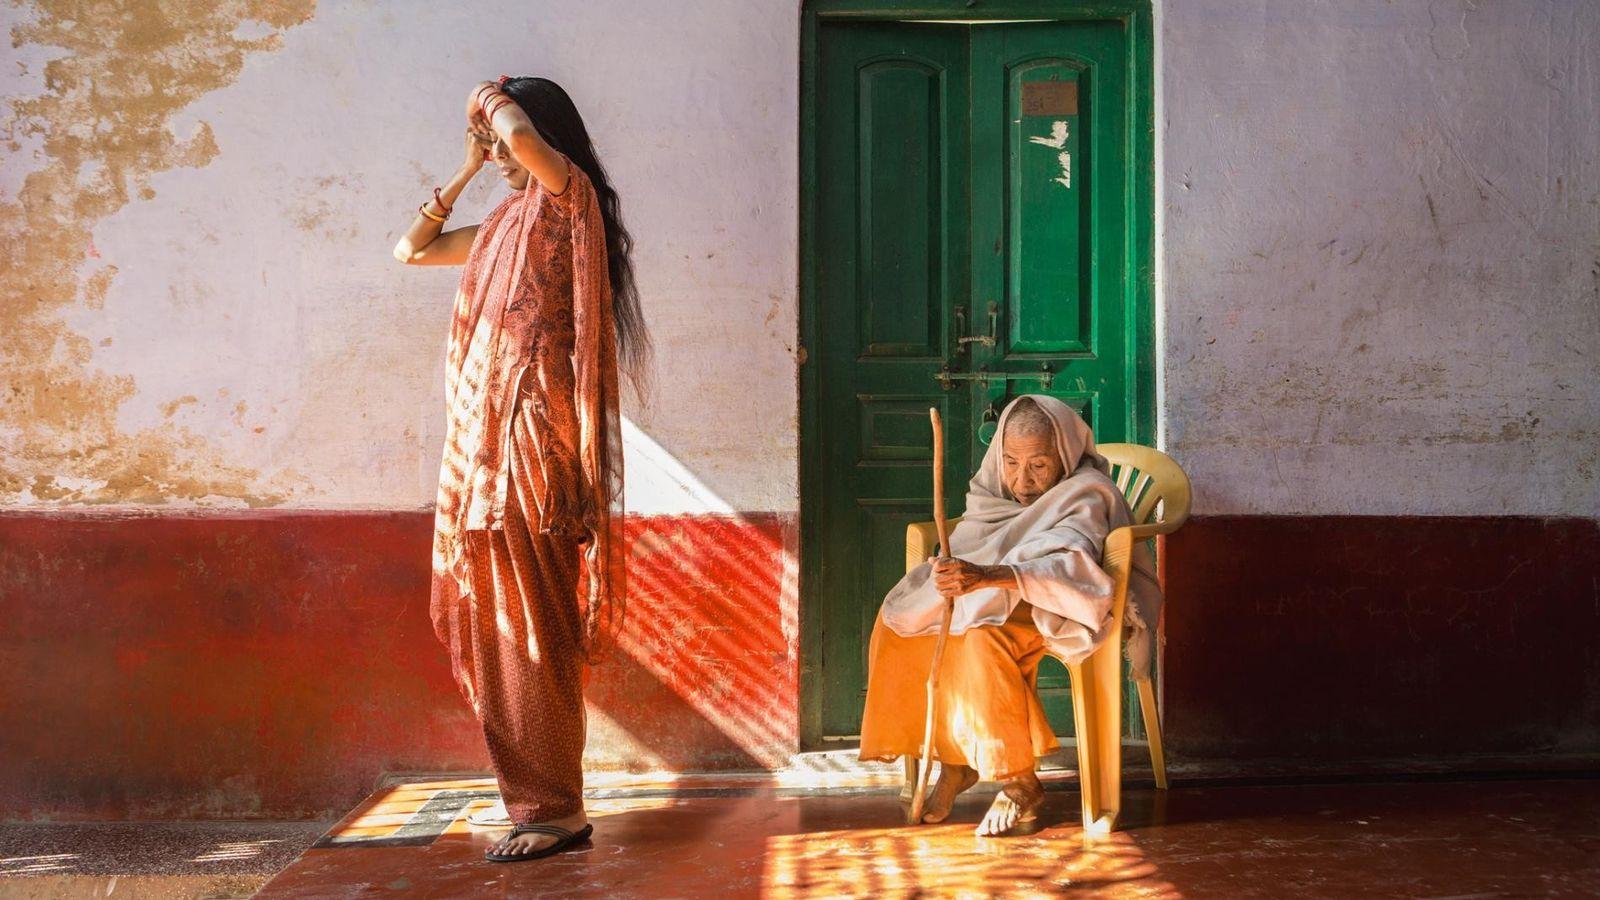 INDE - Dans un foyer de Vrindavan, Lalita (à droite) porte les cheveux ras et l'étoffe ...